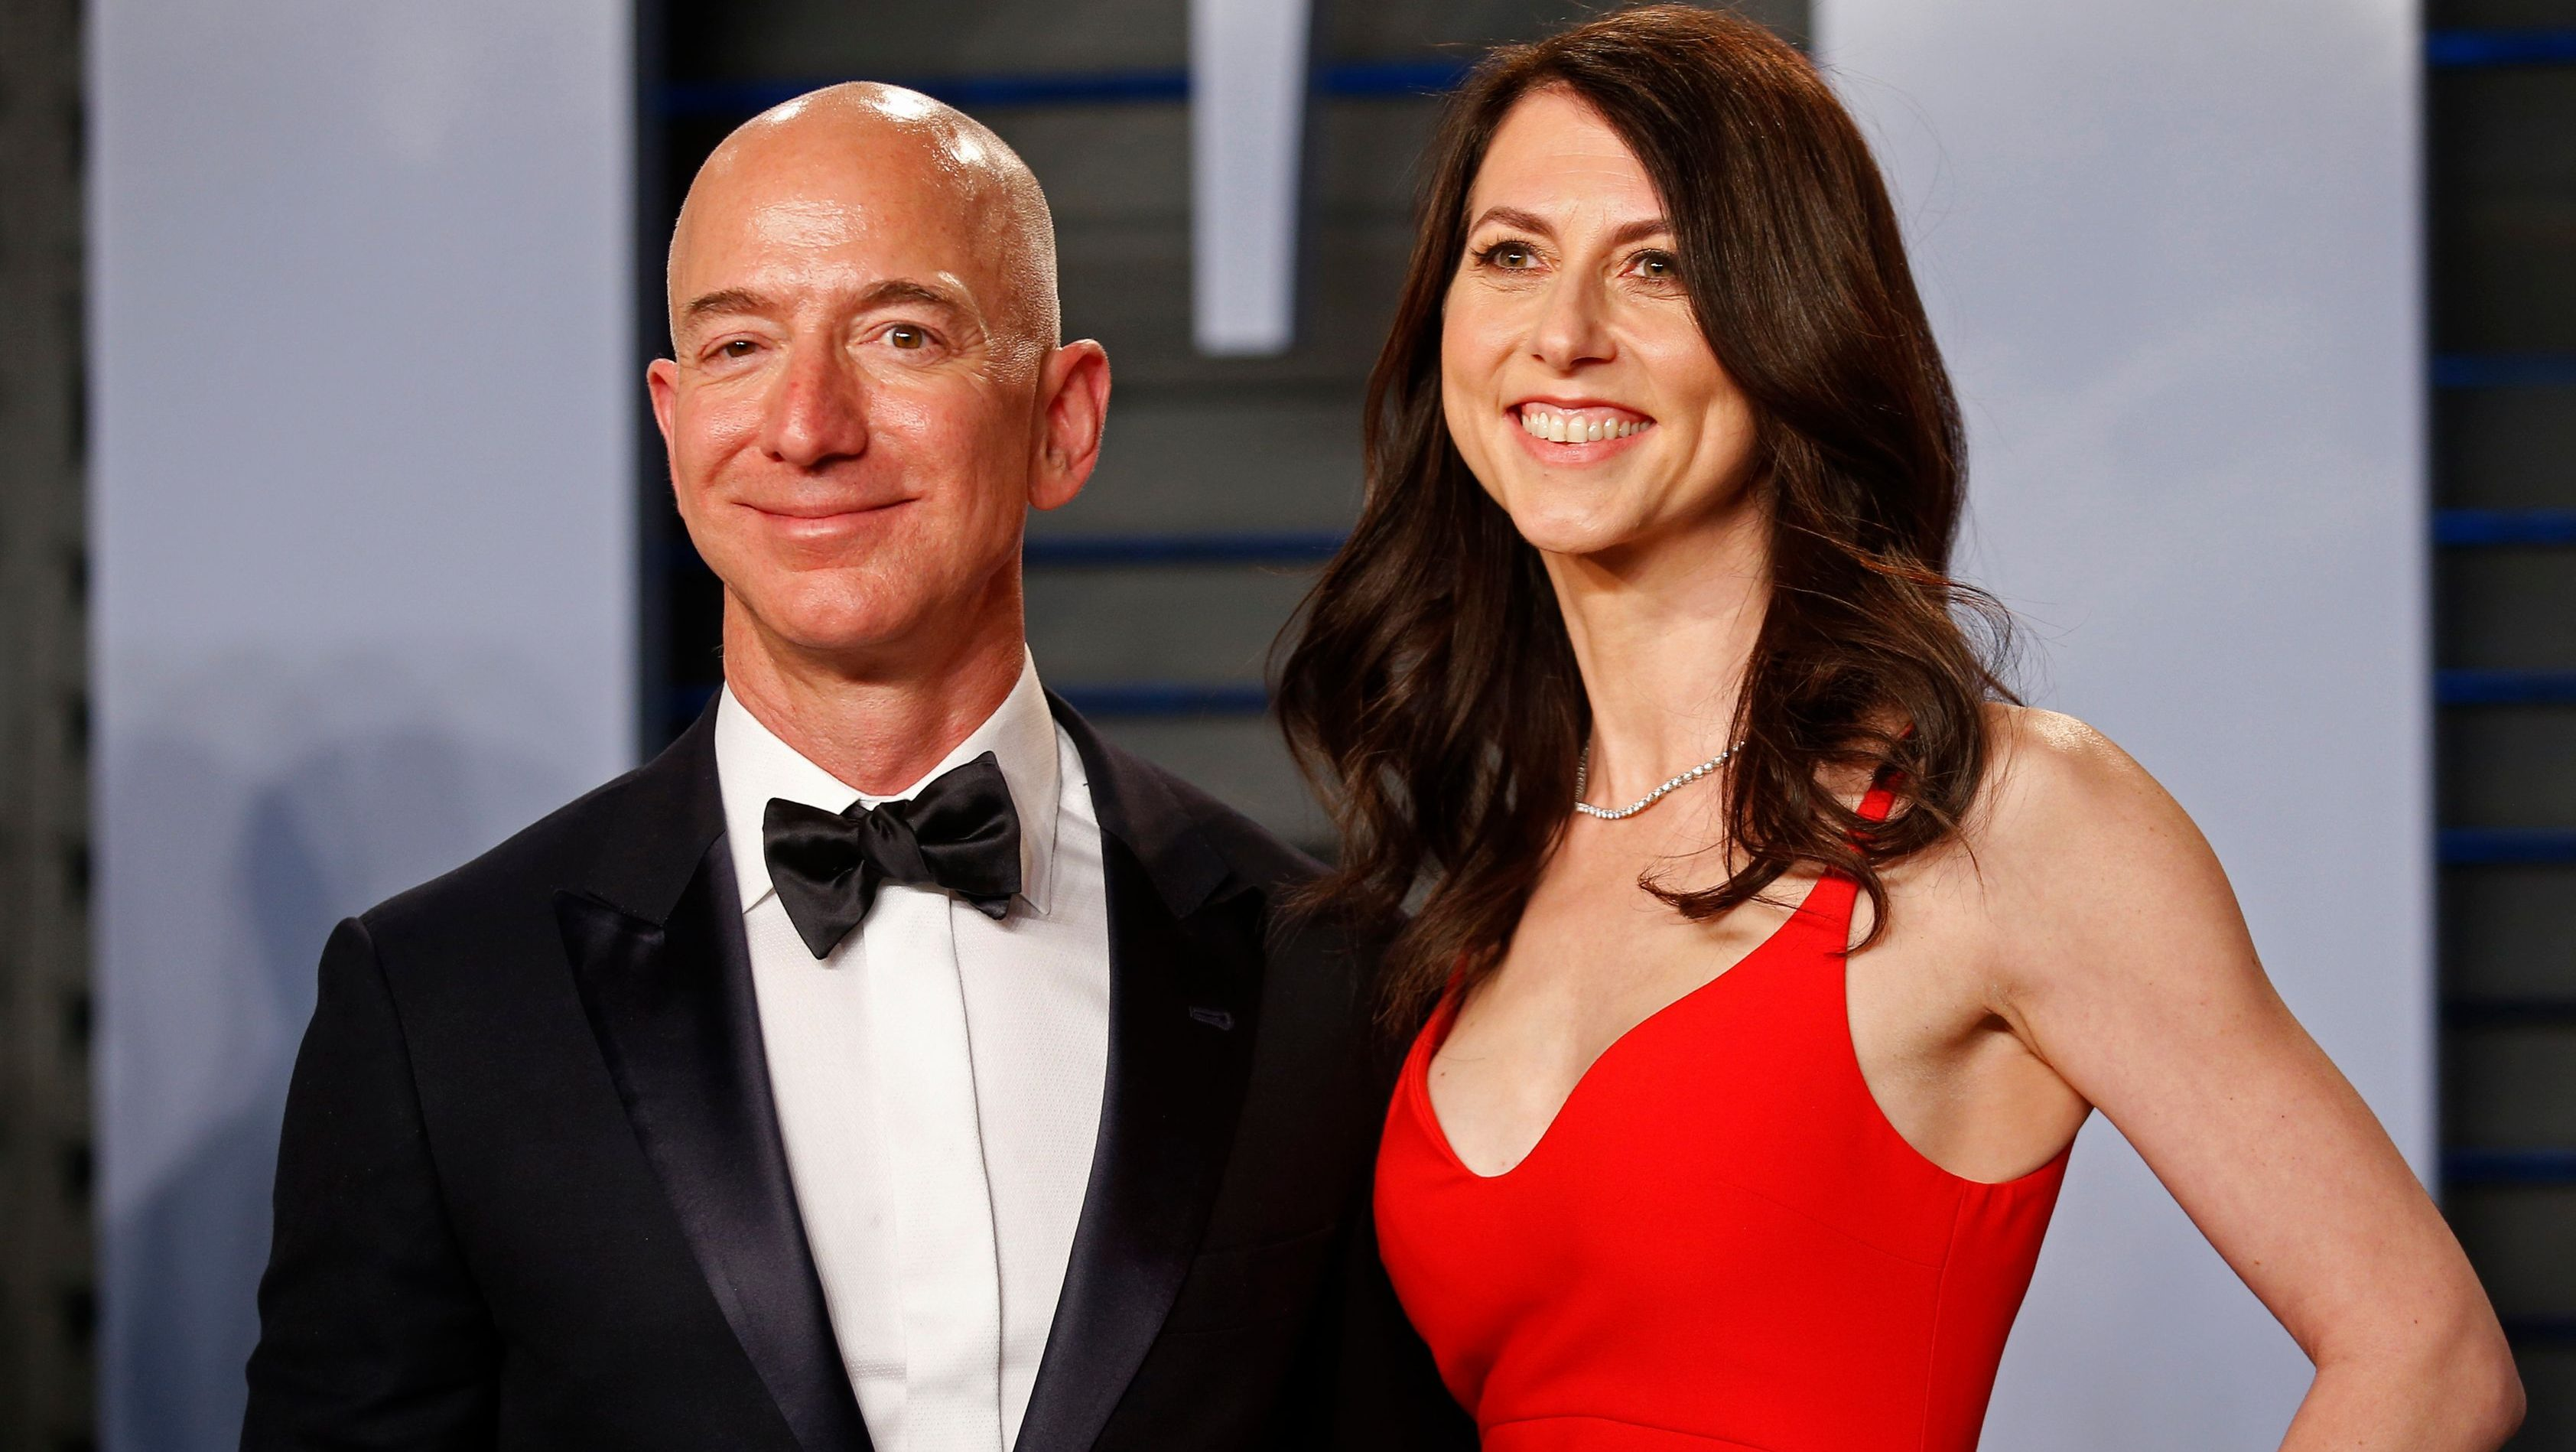 Jeff Bezos and MacKenzie Bezos at 2018 Vanity Fair Oscar Party -